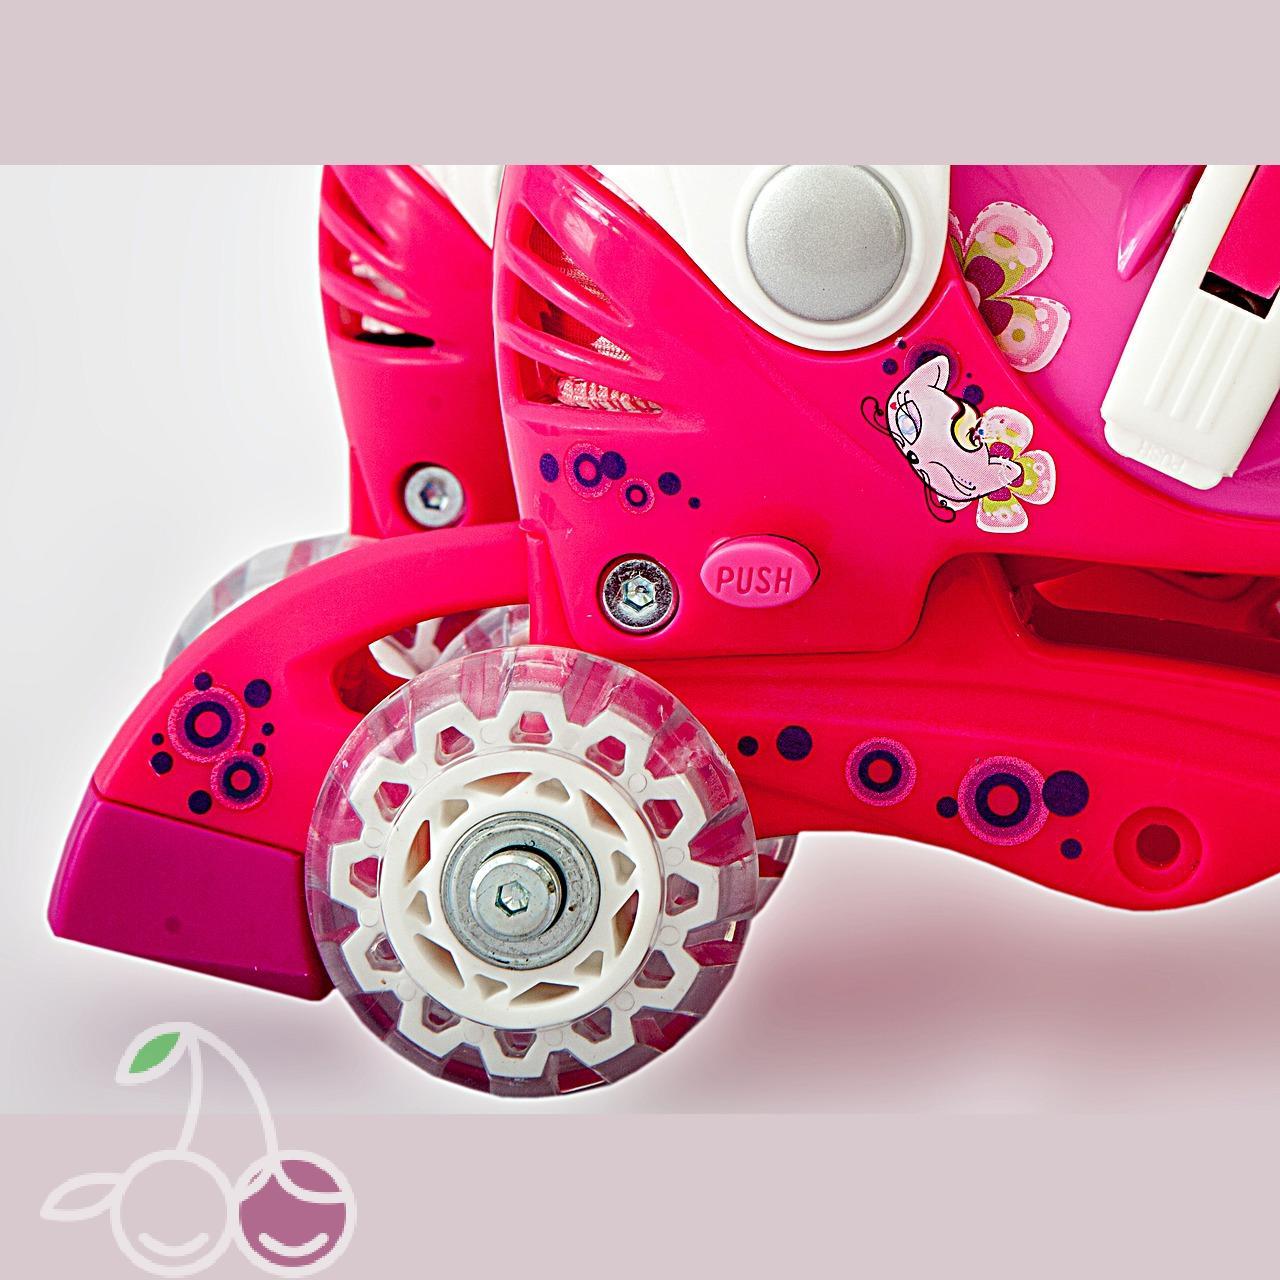 Роликовые коньки детские 26 размер, для обучения (трансформеры, раздвижной ботинок) MagicWheels розовые, - фото 4